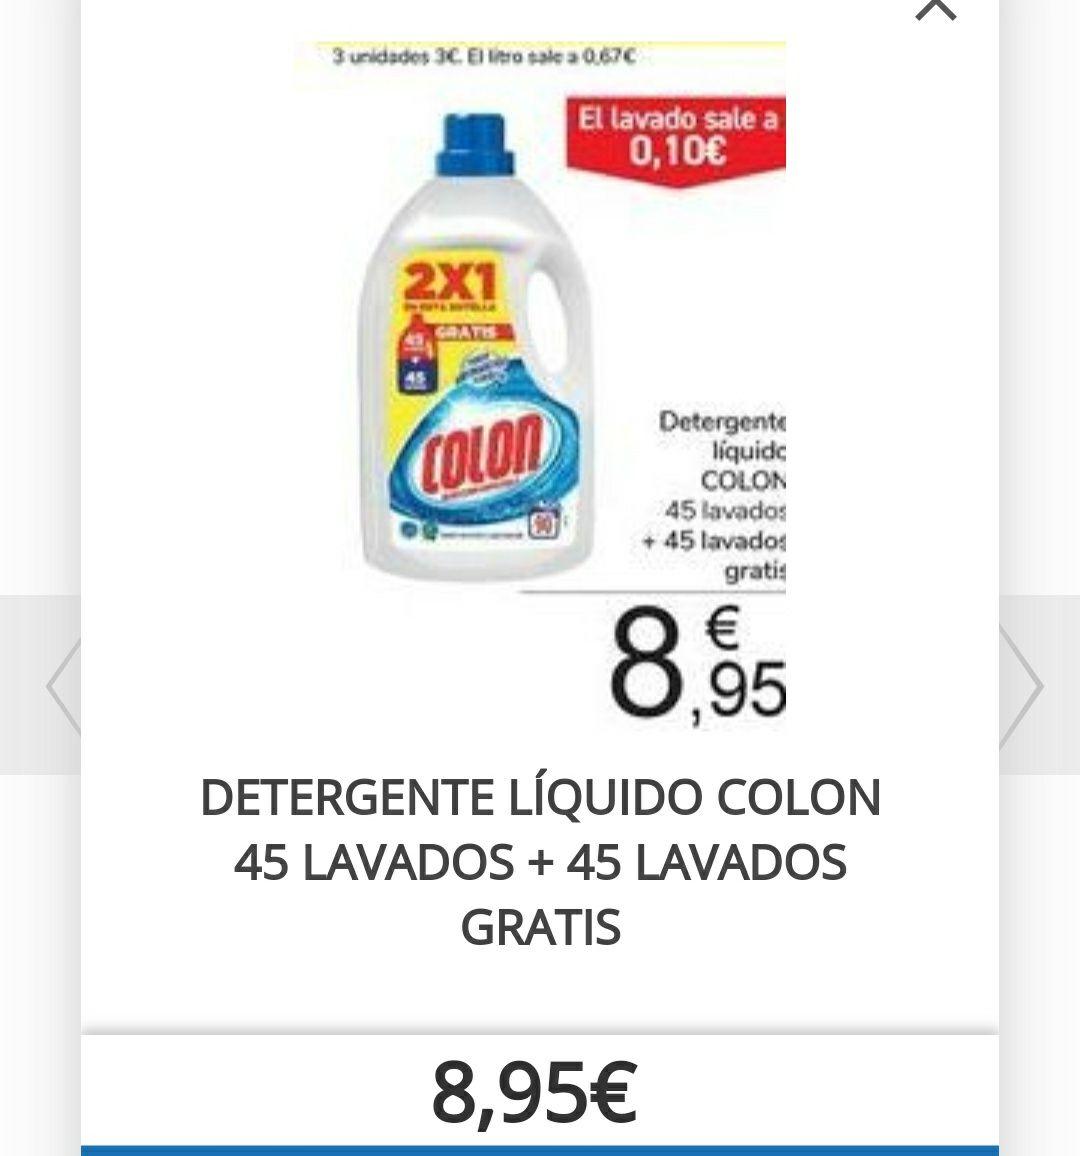 DETERGENTE LÍQUIDO COLON 90 LAVADOS. 0,10 LAVADO.